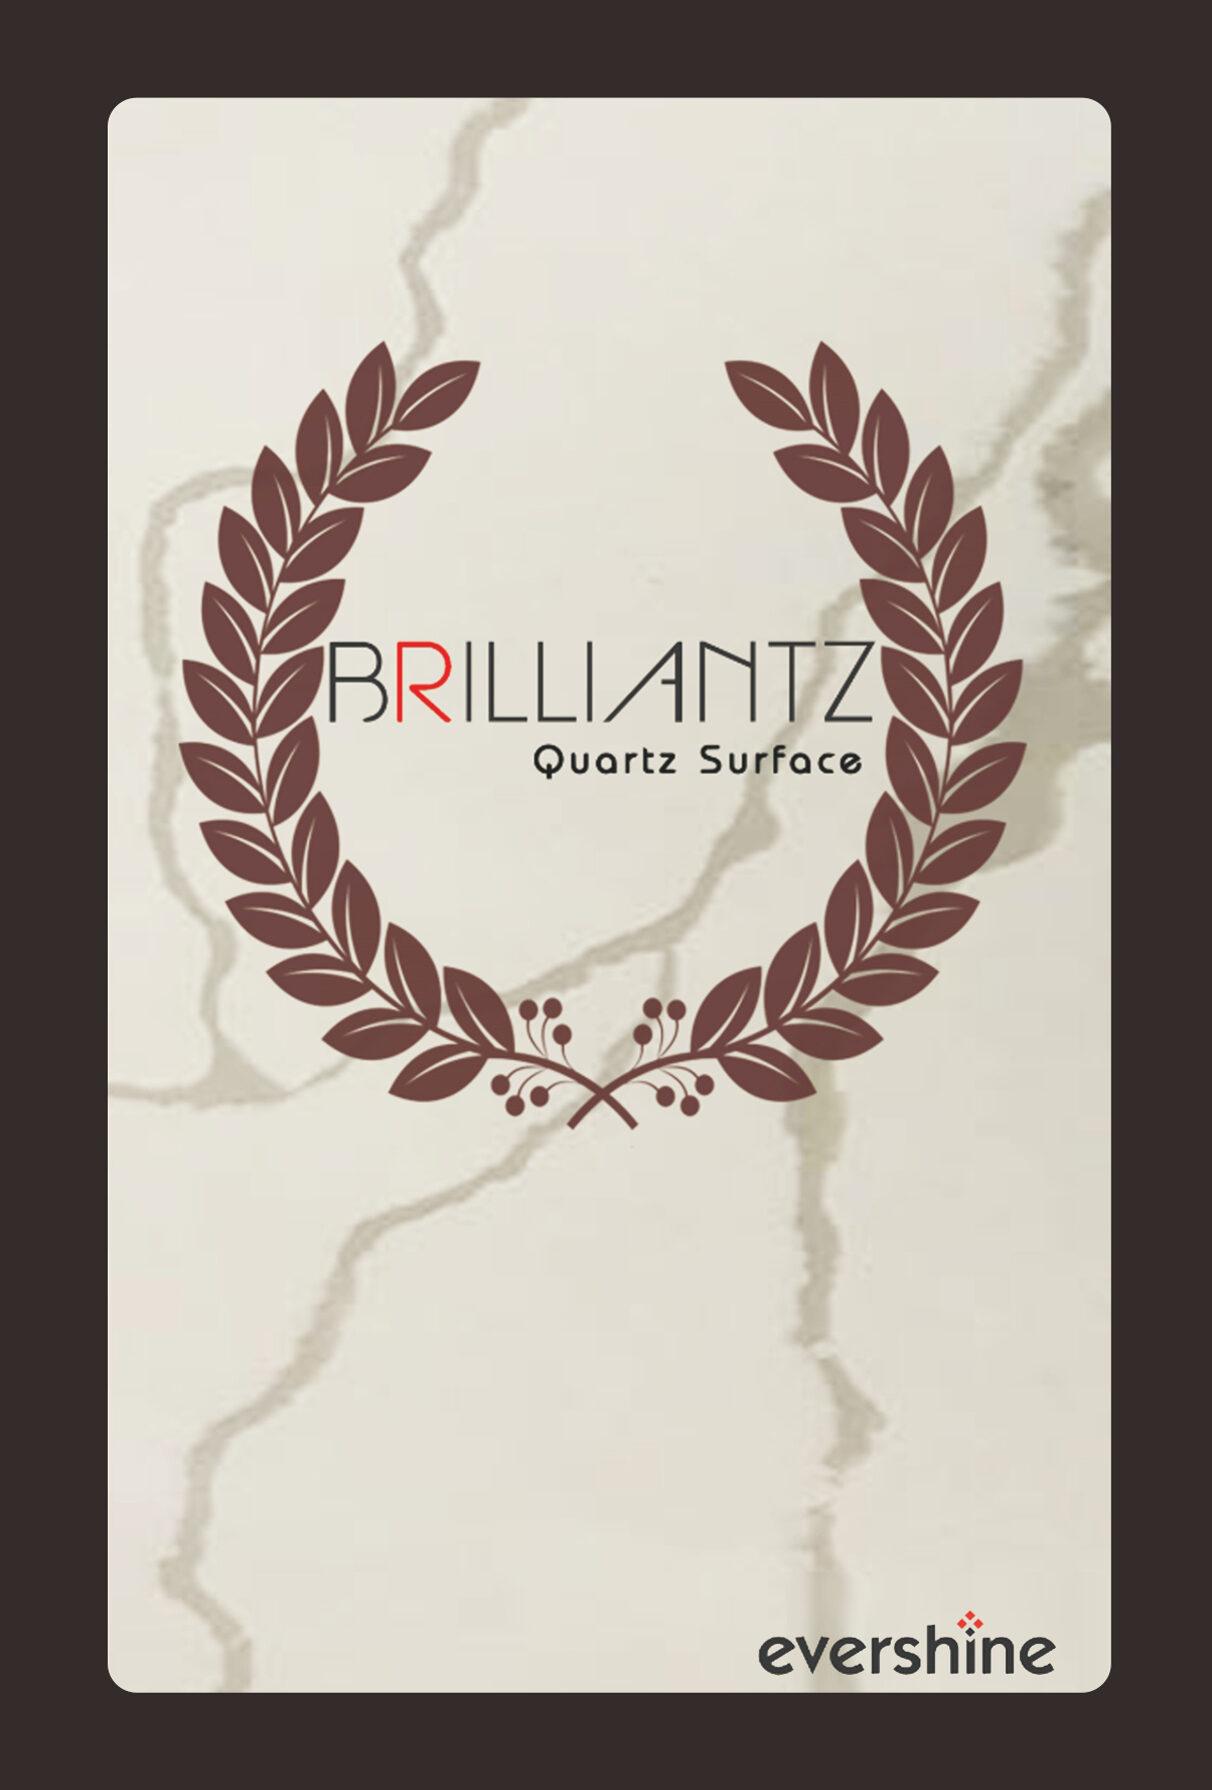 1_Brilliantz 2021 revised Oct 21_front